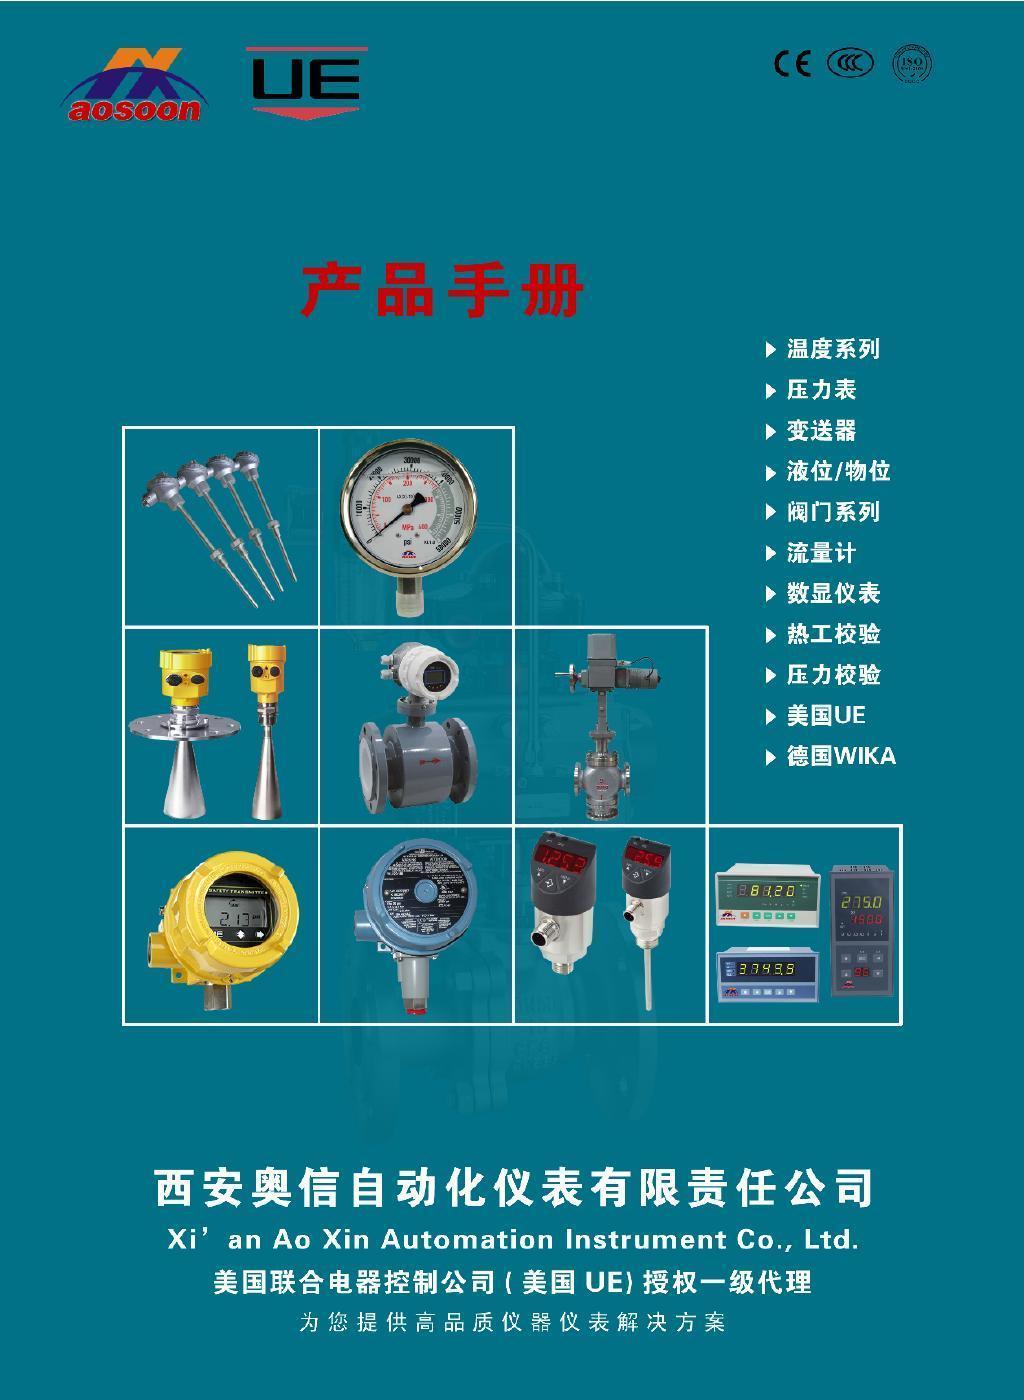 西安奥信自动化产品手册